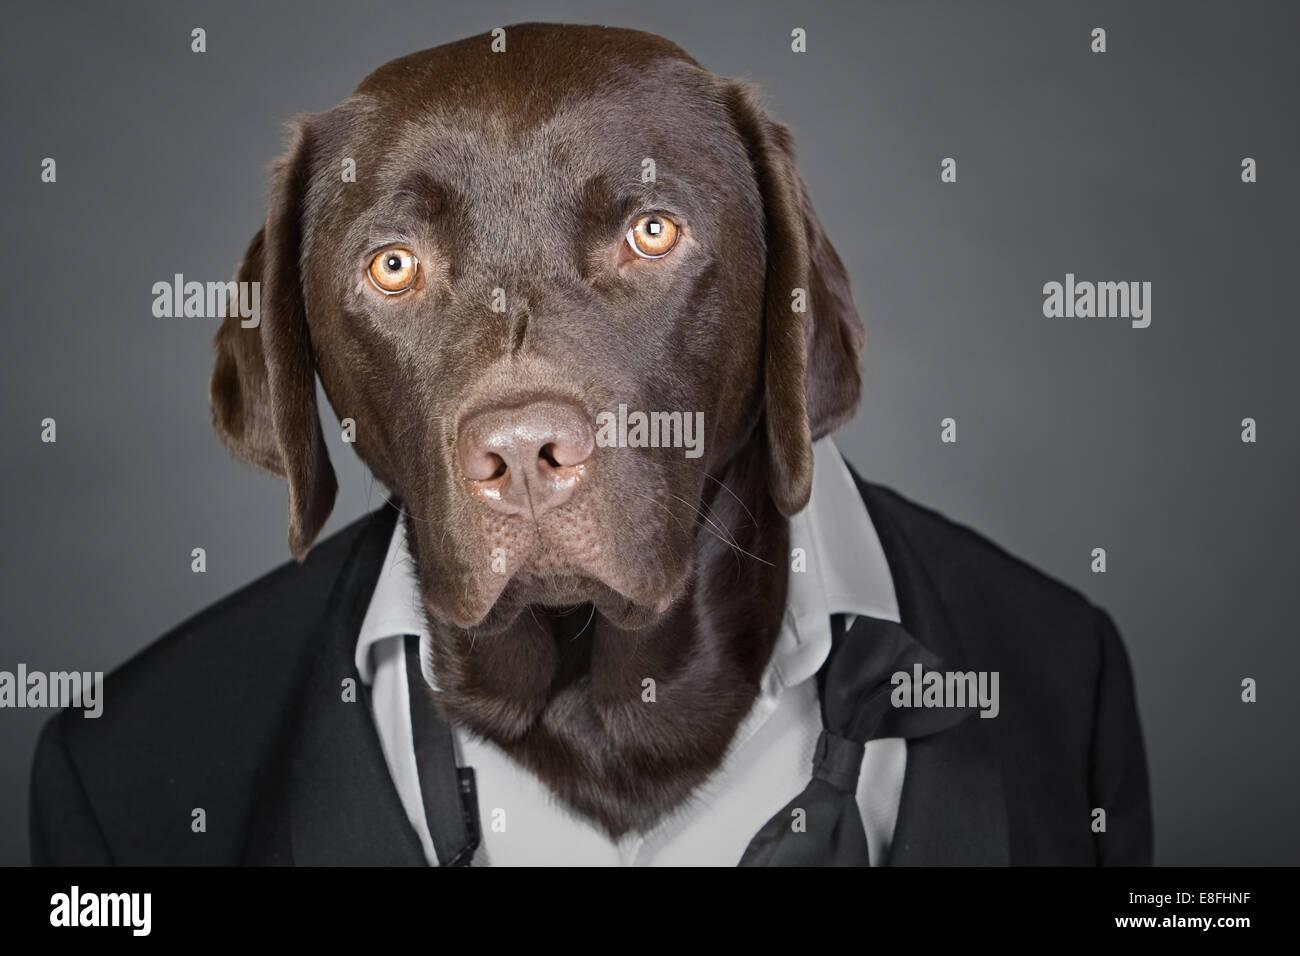 Raffreddare il cioccolato Labrador in smoking contro uno sfondo grigio Immagini Stock